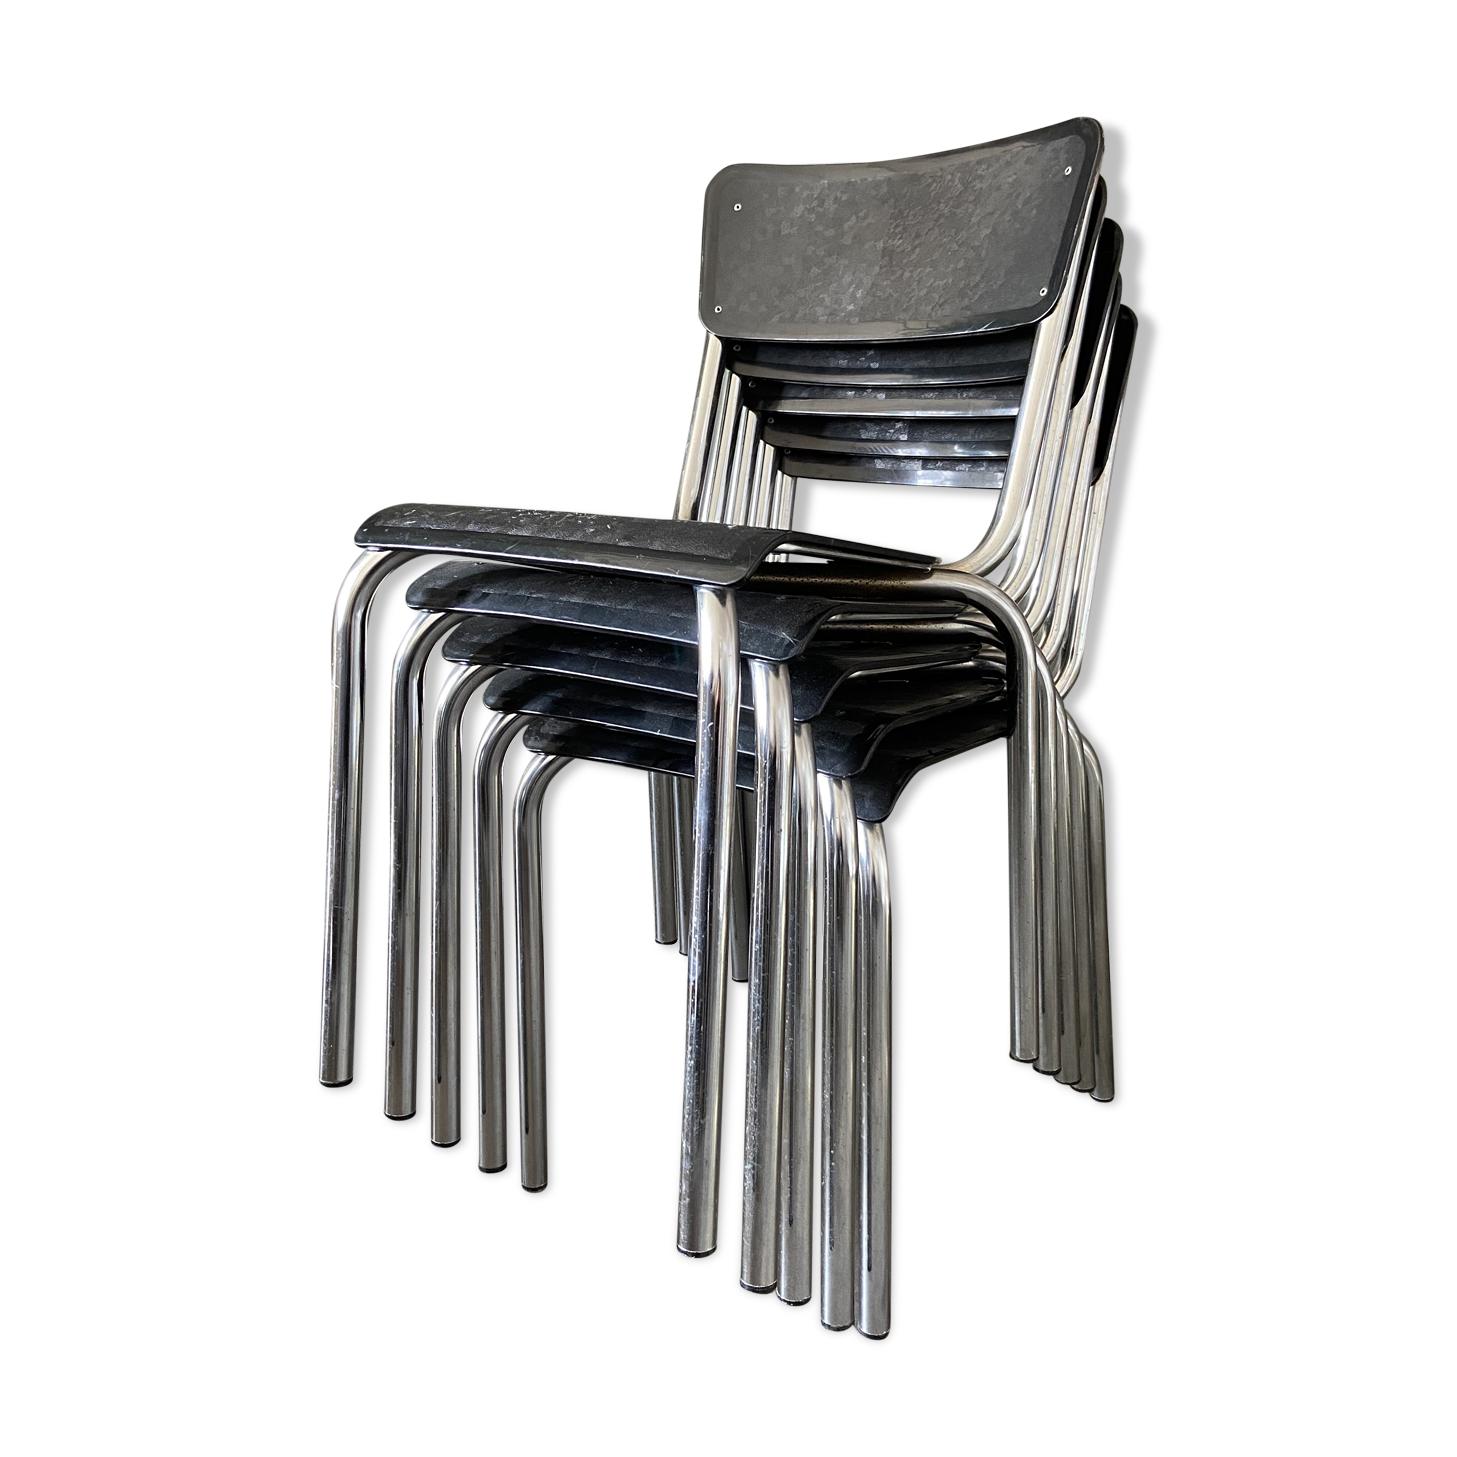 Lot de 5 chaises empilages C59 de Pierre Guariche éditées par Meurop